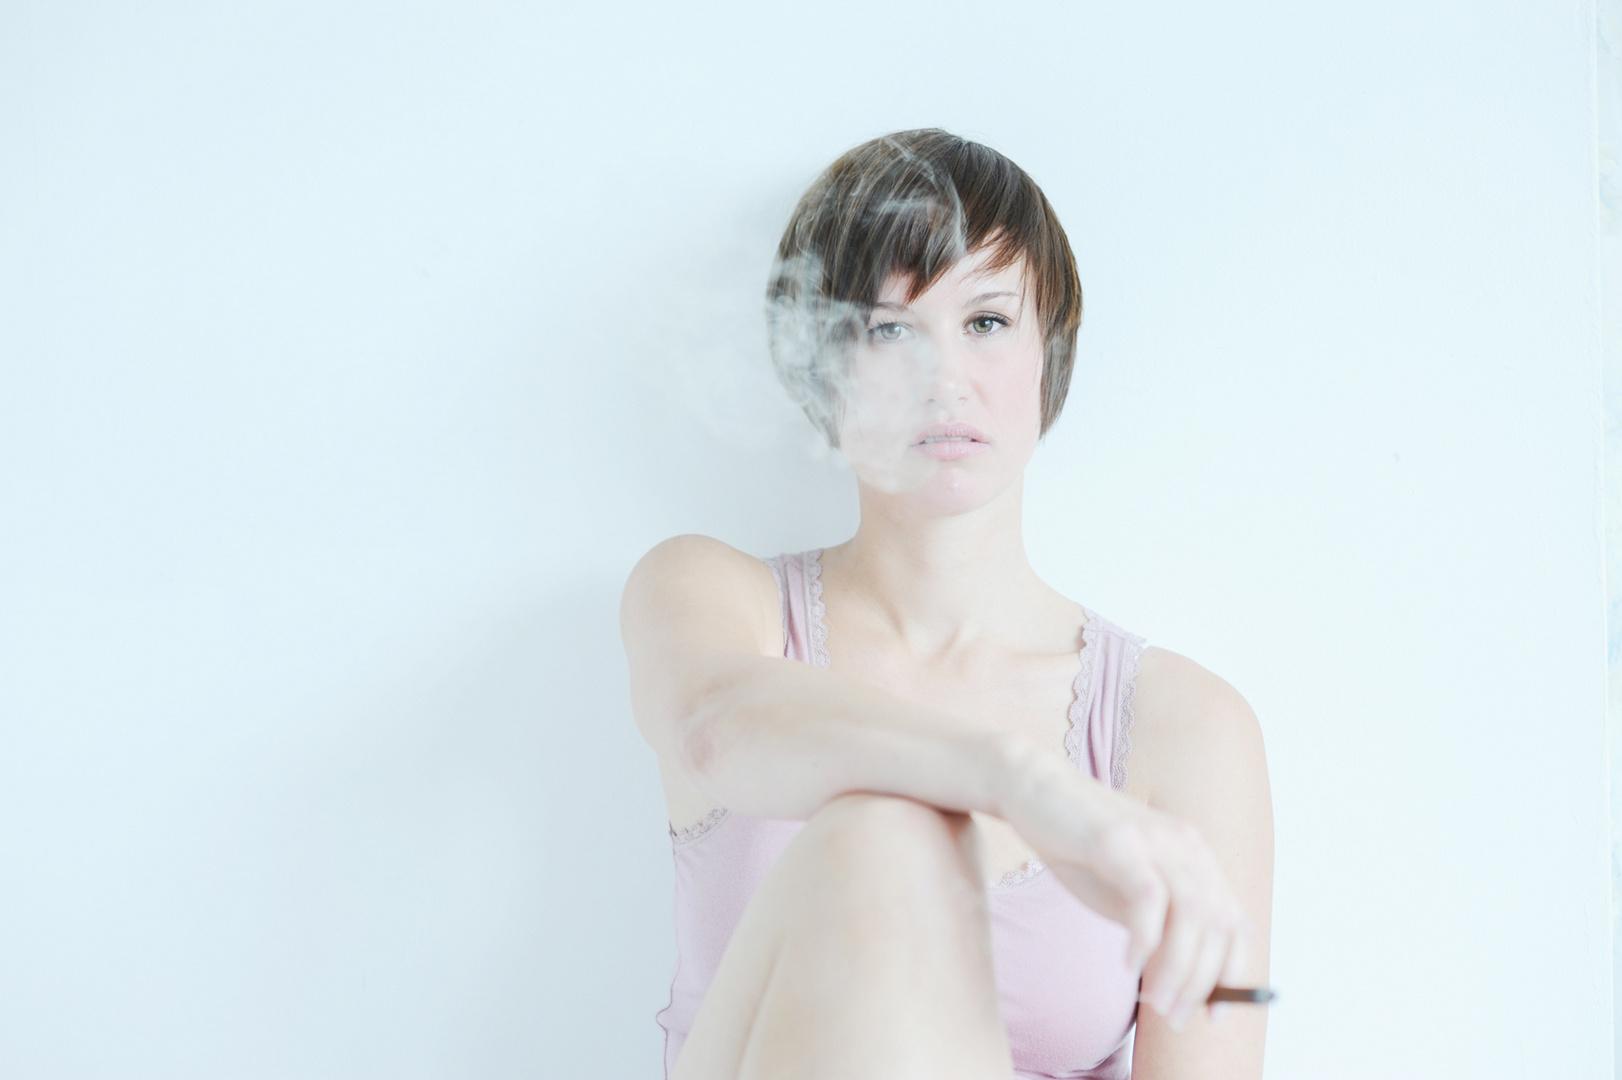 Worte sind sowieso wie Schall und Rauch